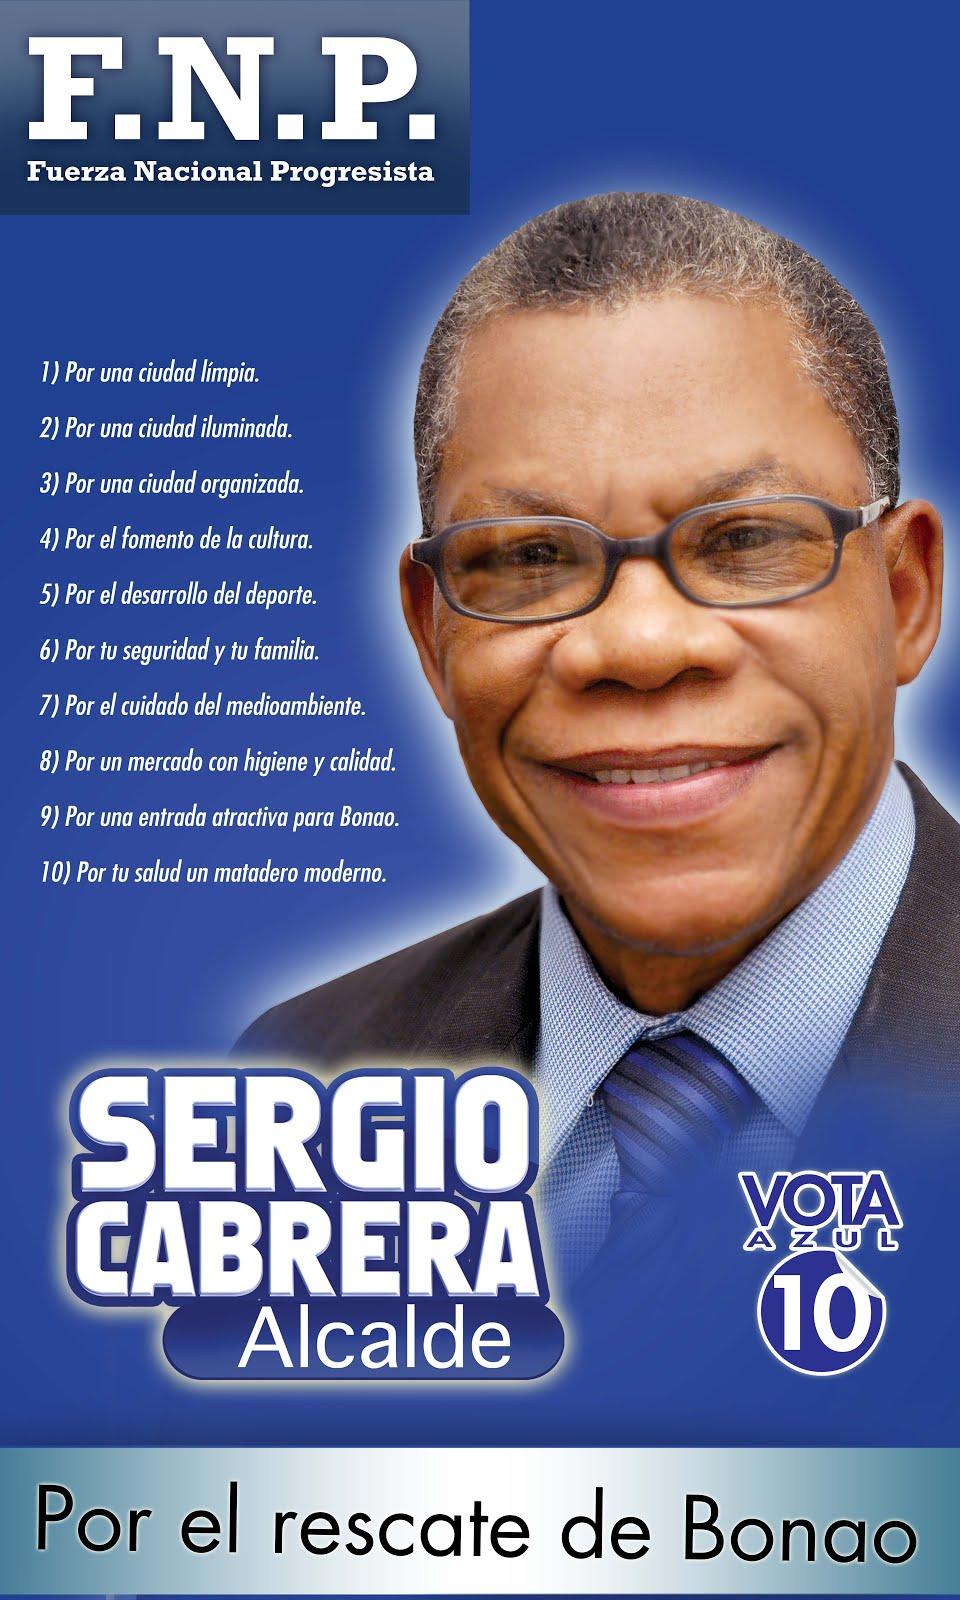 SERGIO CABRERA SINDICO PARA BONAO POR LA FNP